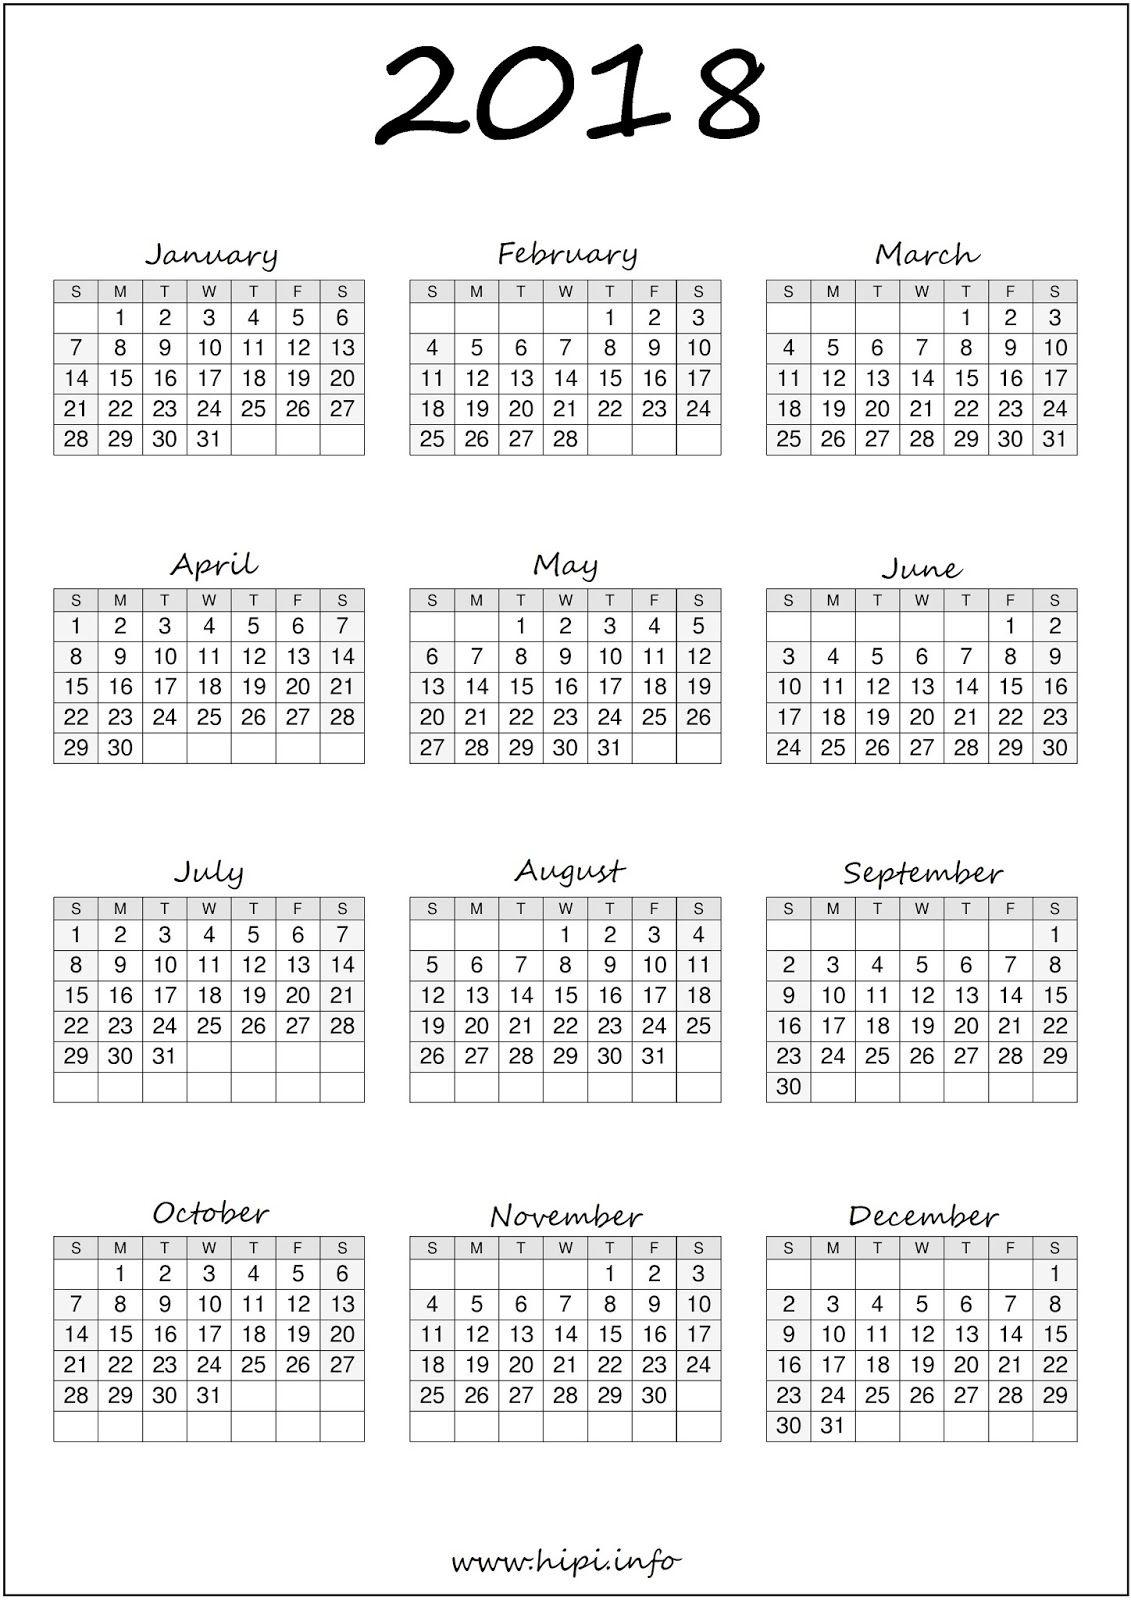 Calendar Planner National Bookstore : Calendar planner national bookstore calendrier